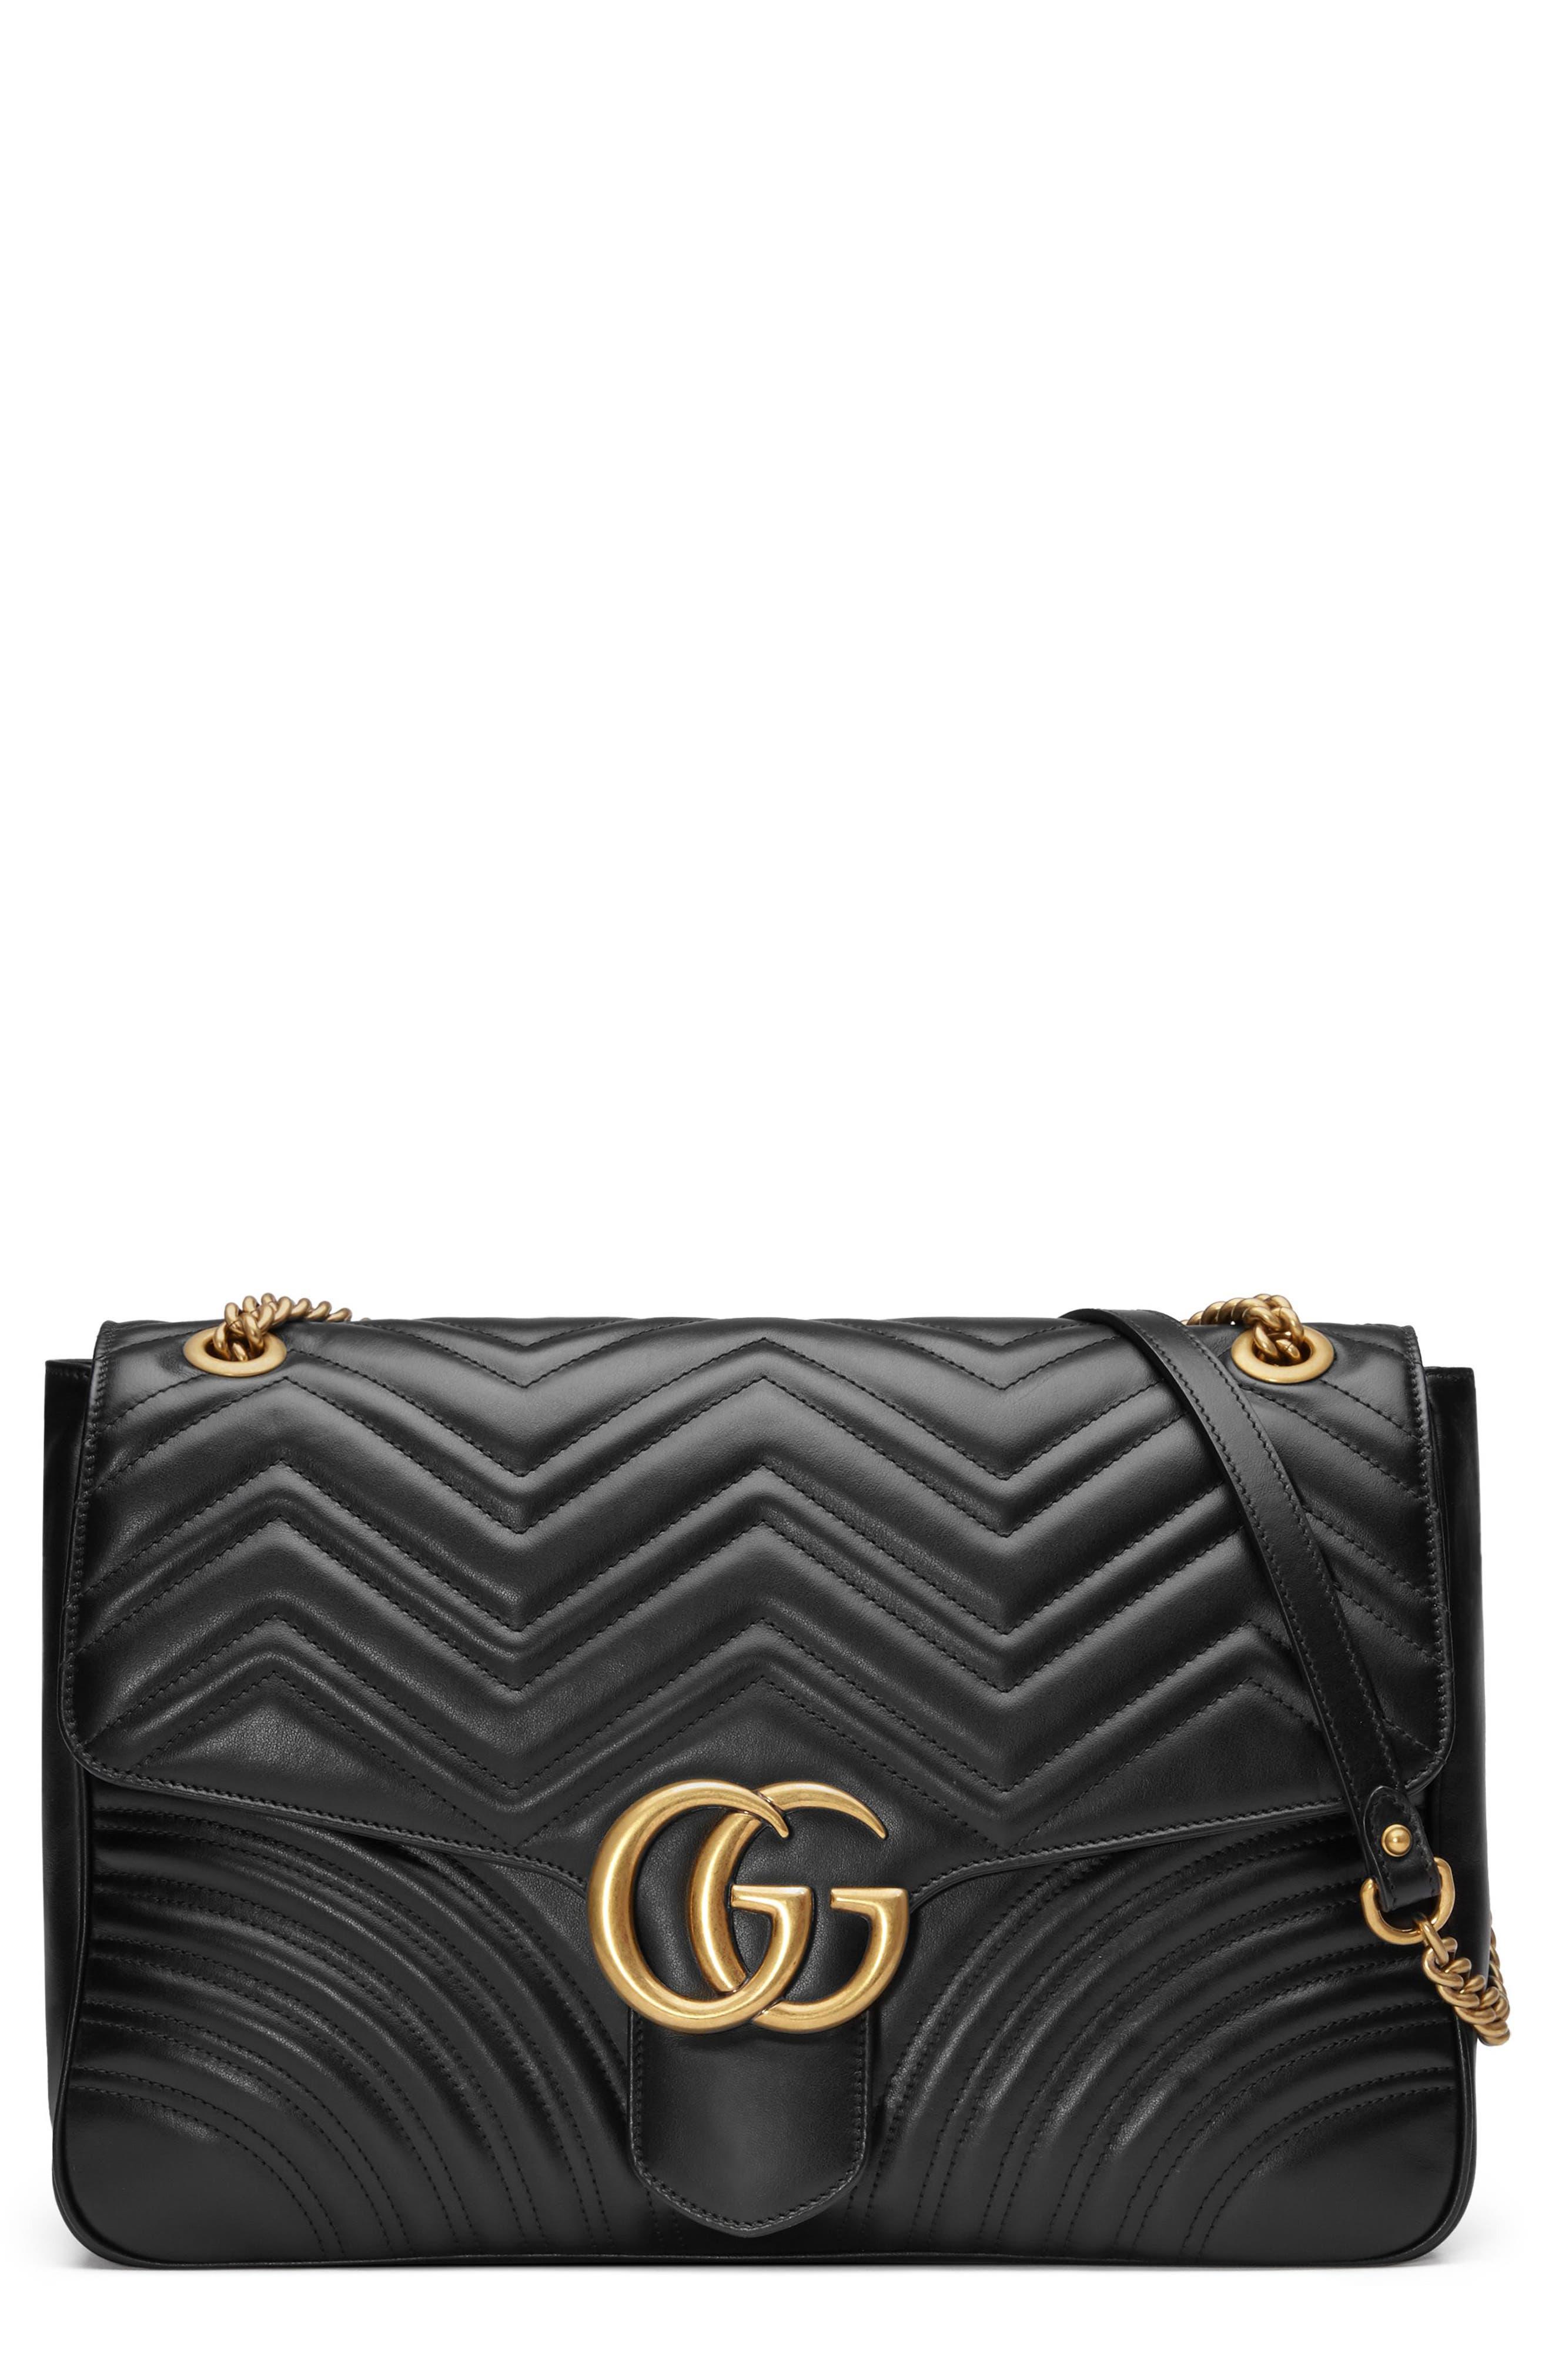 GG Large Marmont 2.0 Matelassé Leather Shoulder Bag,                             Main thumbnail 1, color,                             NERO